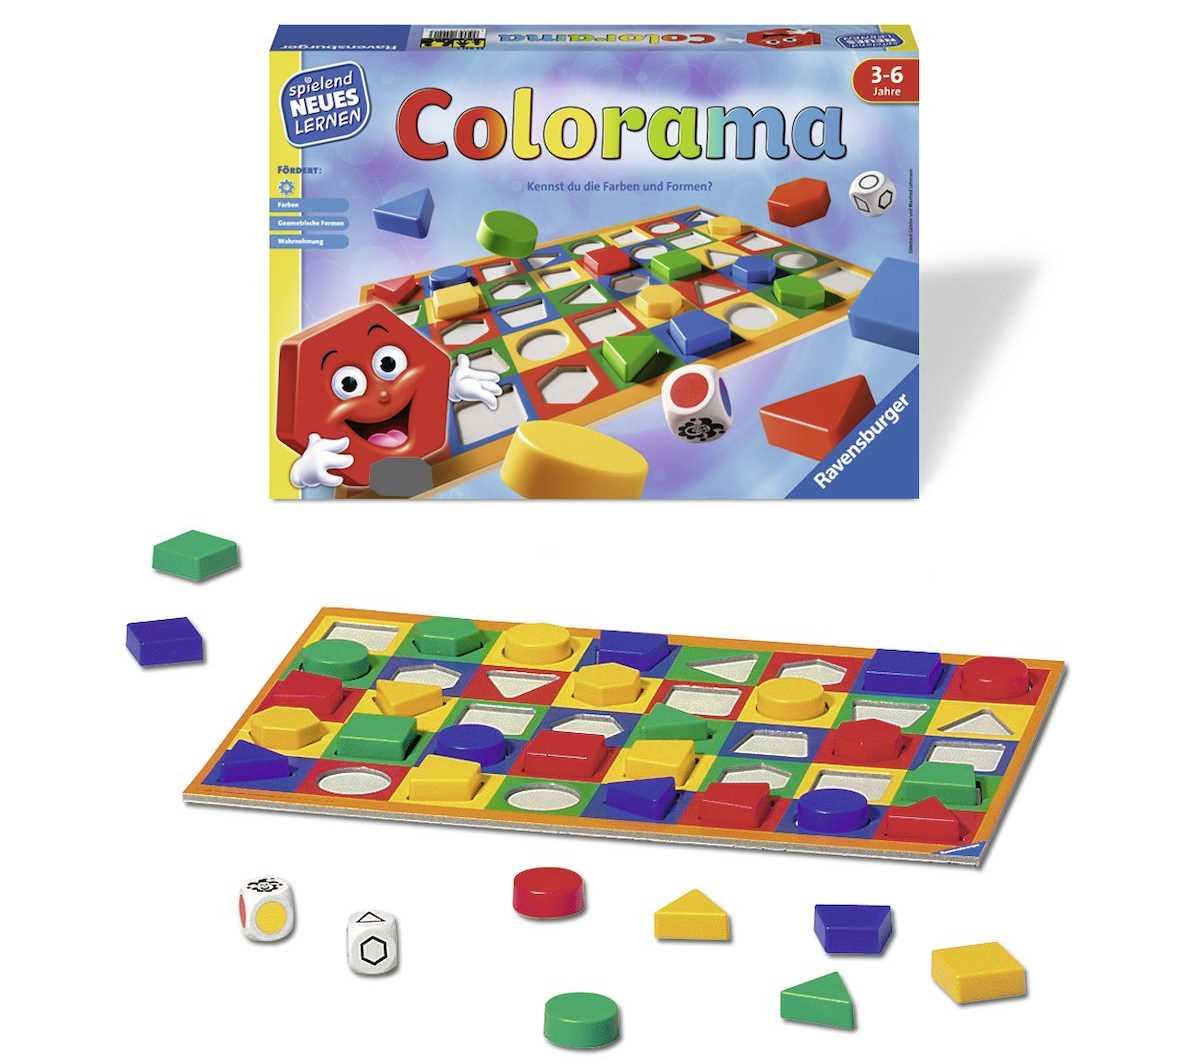 Colorama Lernspiel